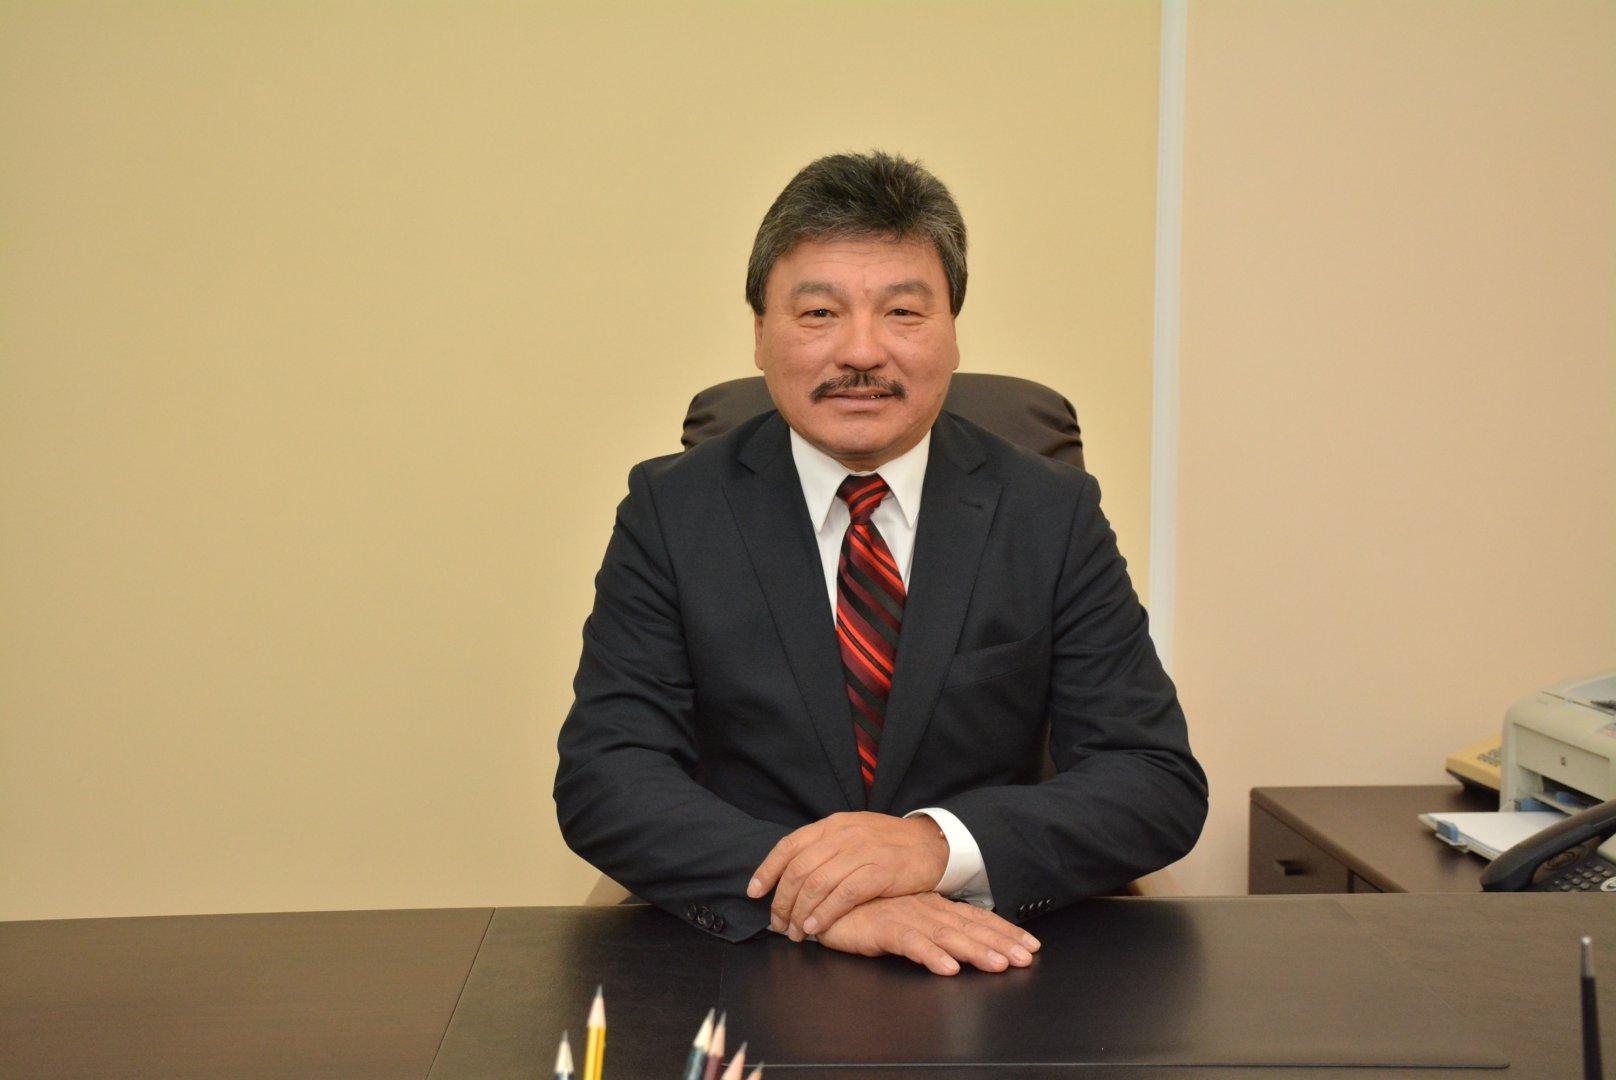 Досье: Уисимбаев Аскарбек Съезбекович, Аскарбек Уисимбаев,акимат Акмолинской области